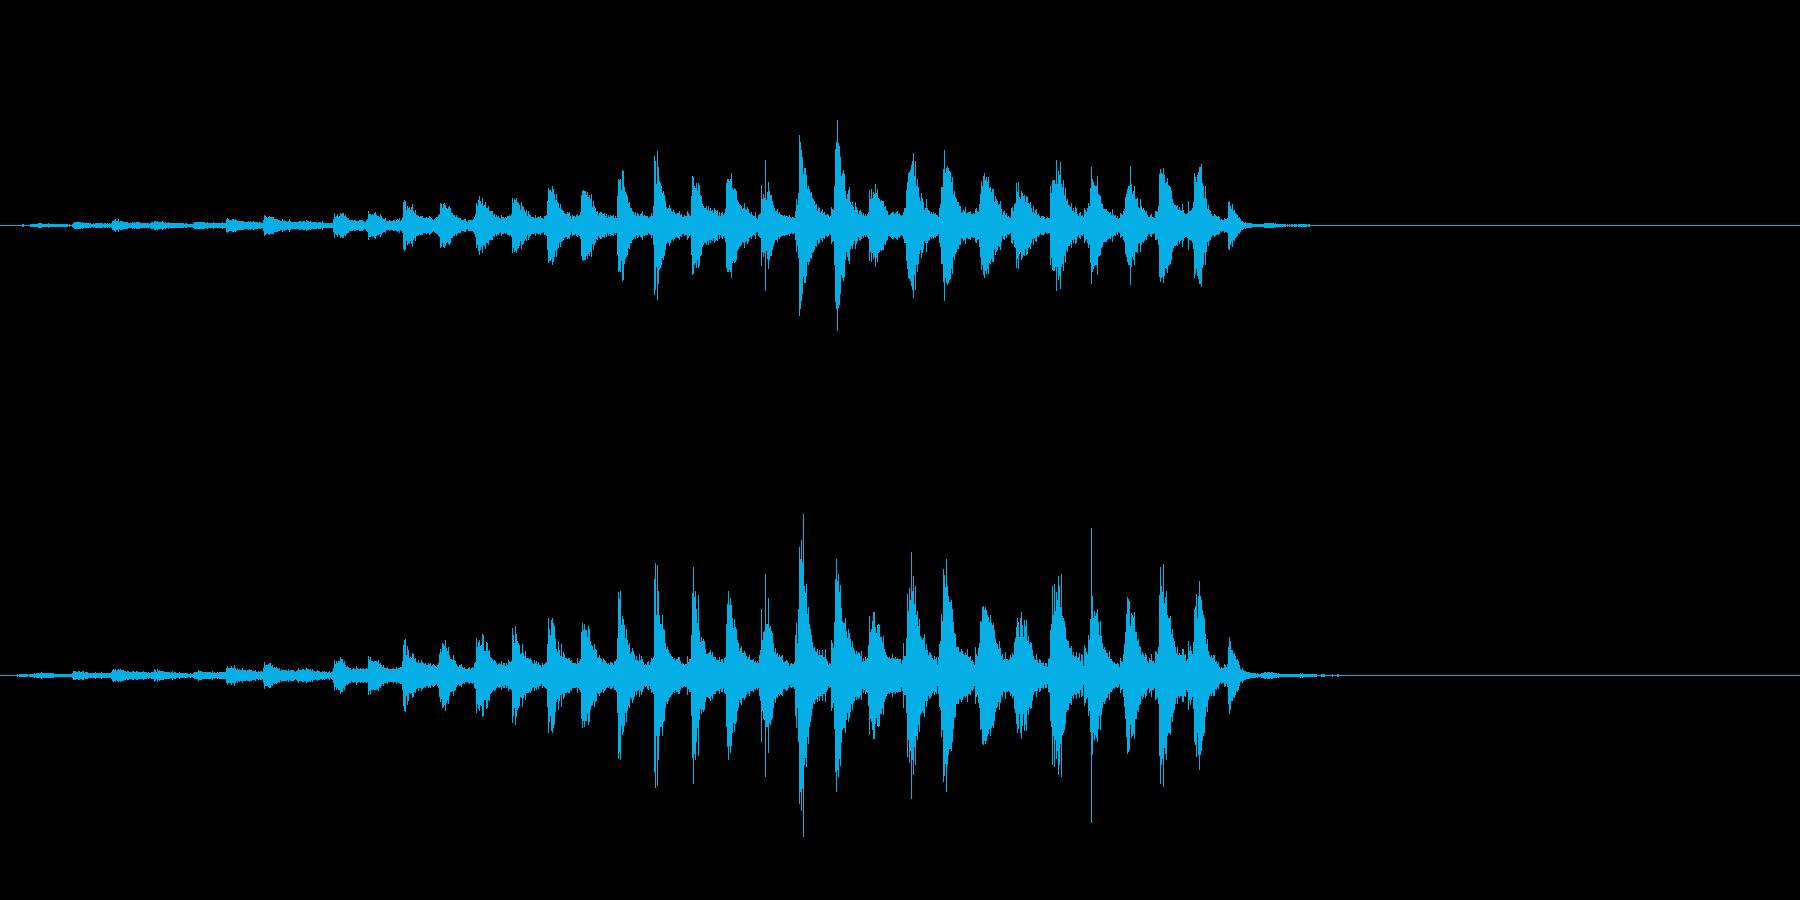 『チャッパ』和製シンバルのフレーズ1FXの再生済みの波形